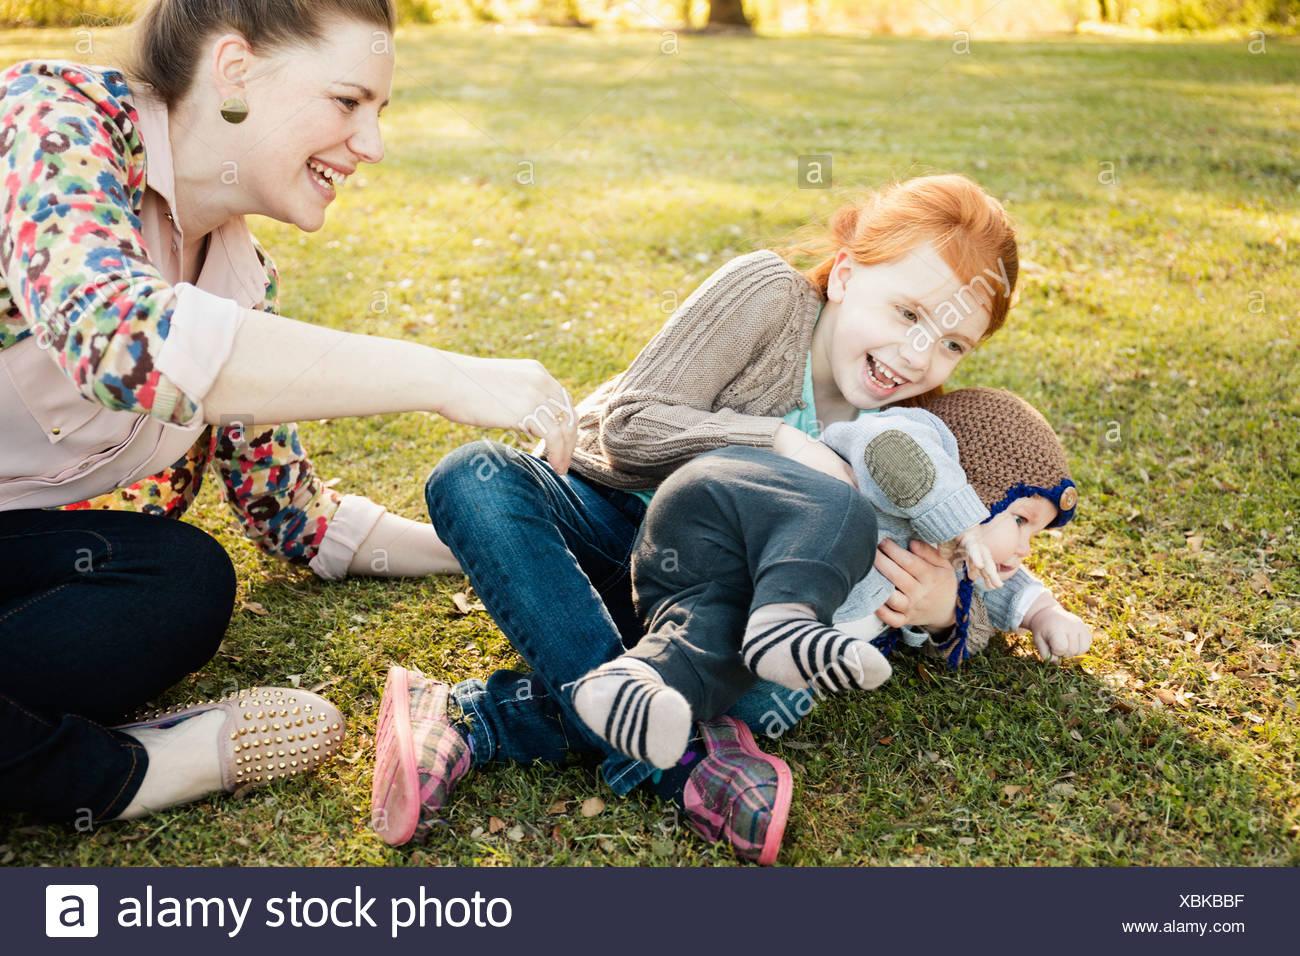 Mitte Erwachsene Mutter, Tochter und Baby Sohn auf dem Rasen im park Stockbild